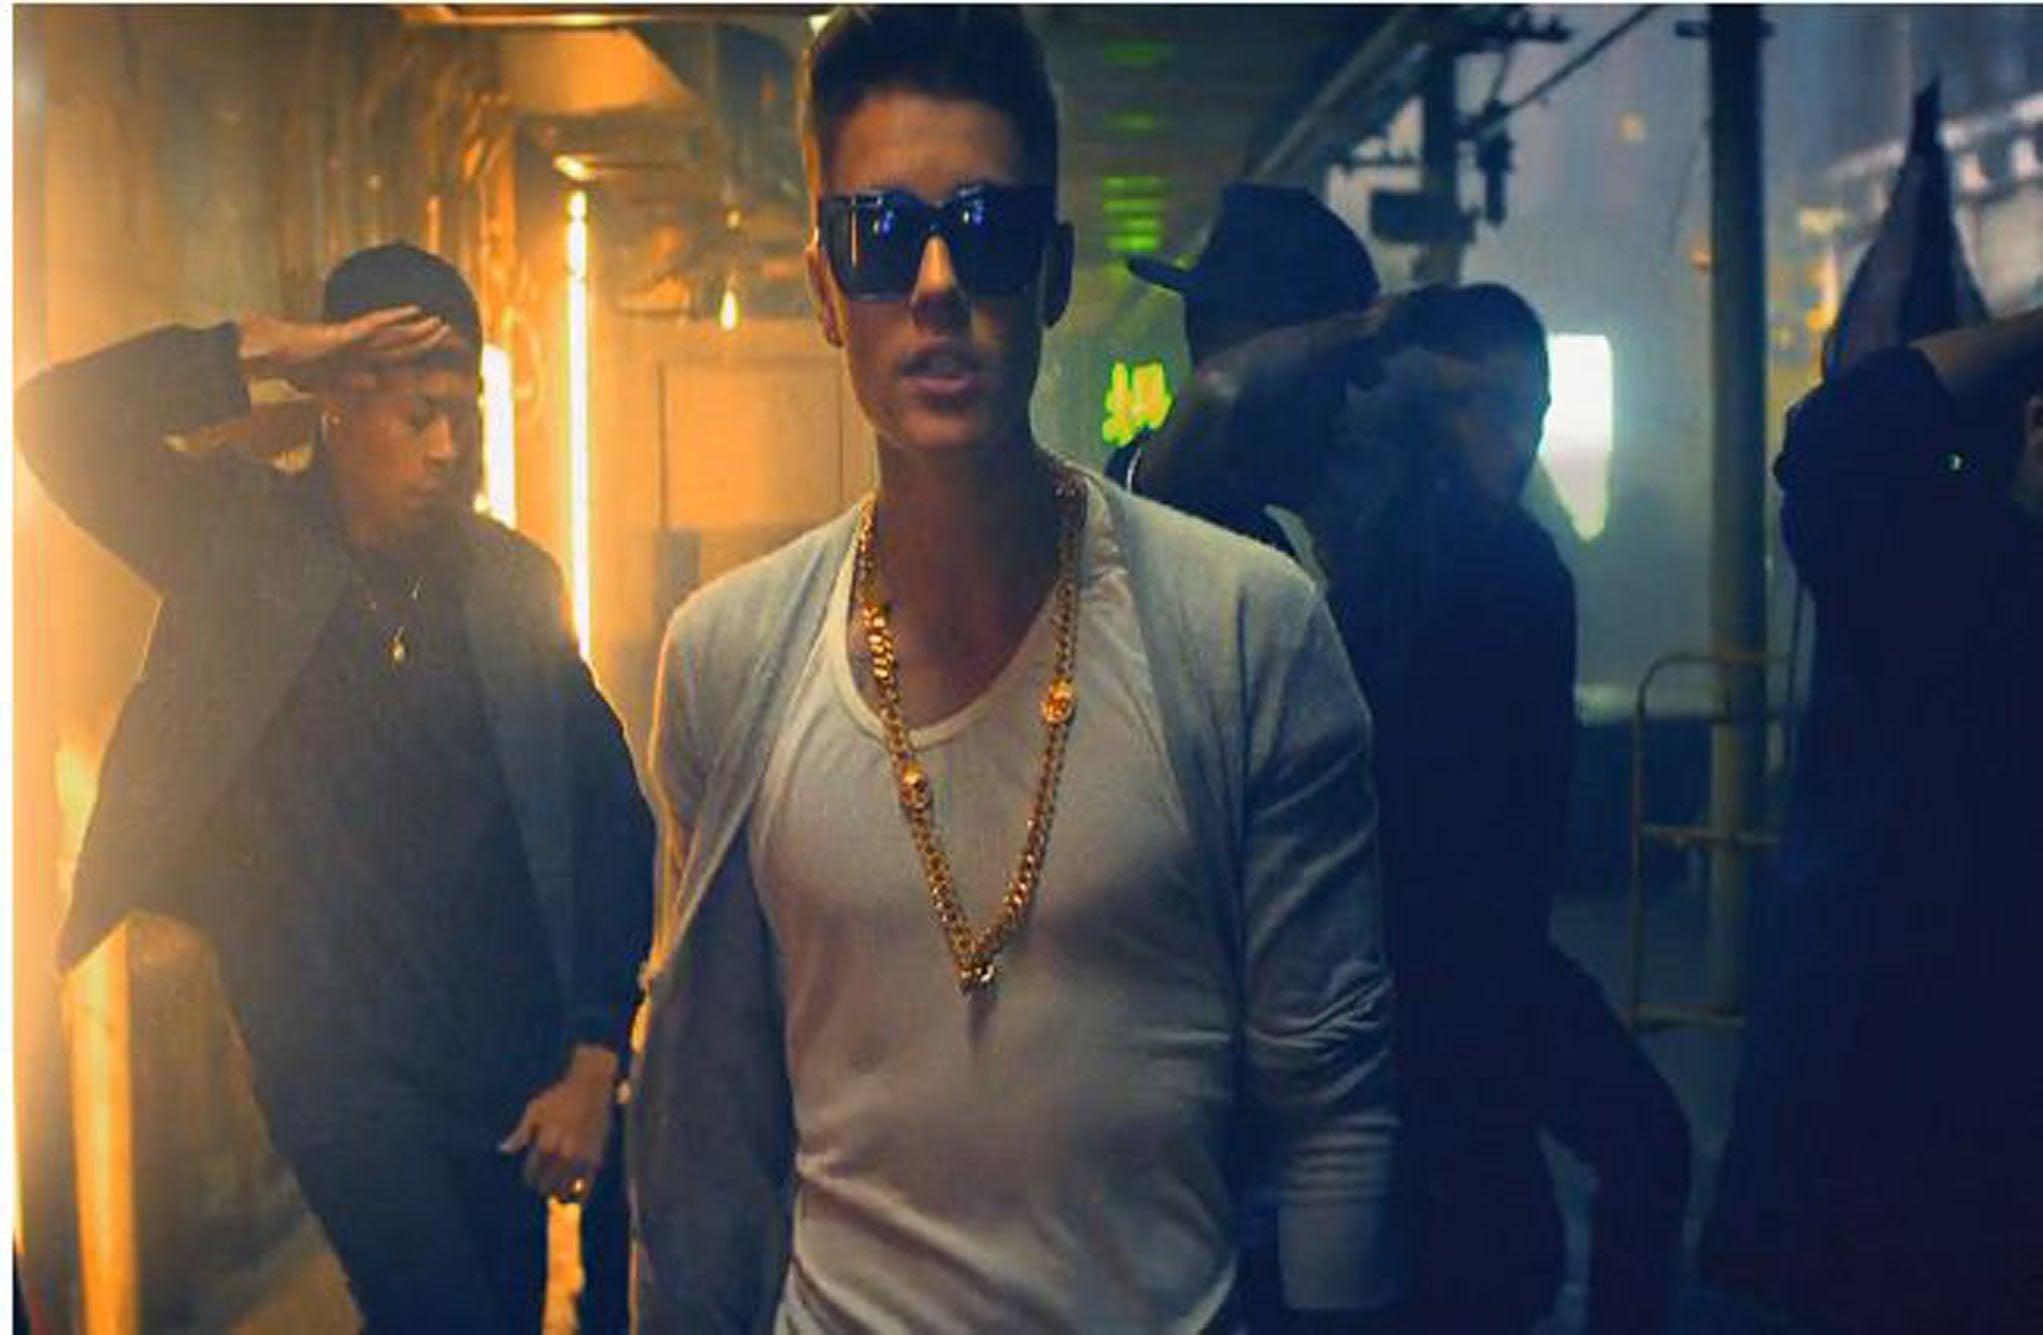 Justin Bieber Enjoyed Himself In Jail